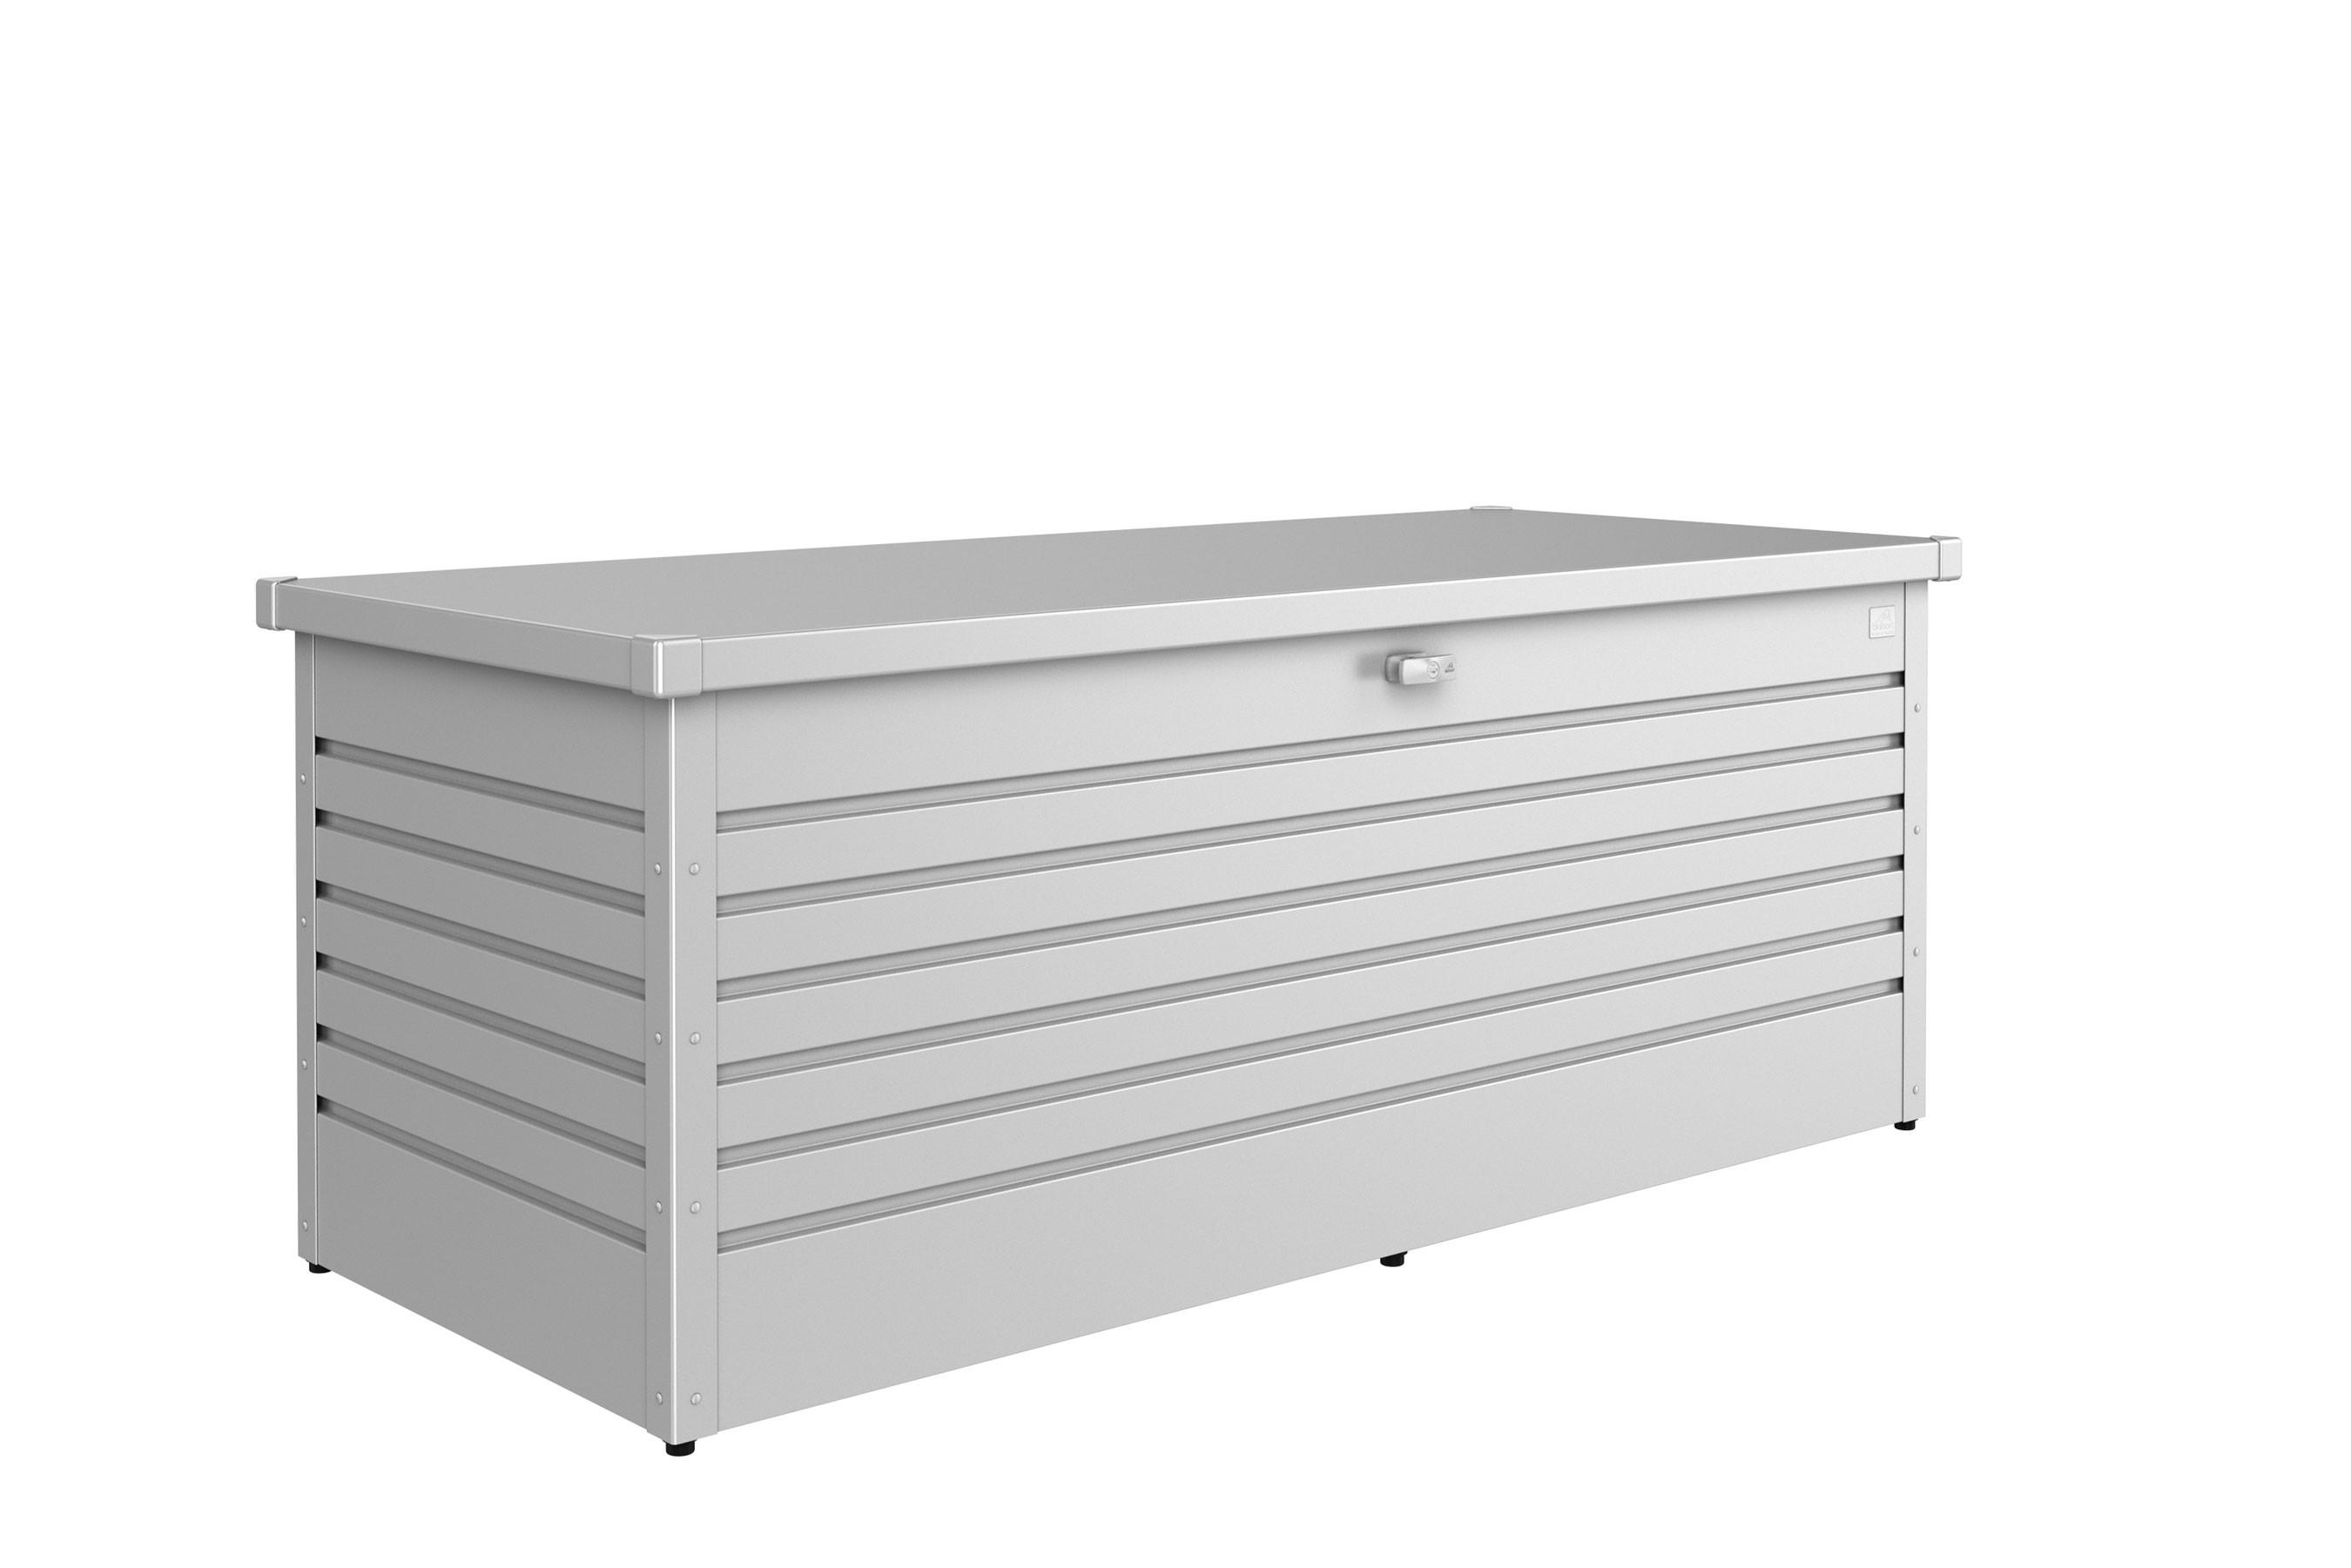 Gartenbox Auflagenbox Biohort Freizeitbox 180 silber-metallic Bild 1